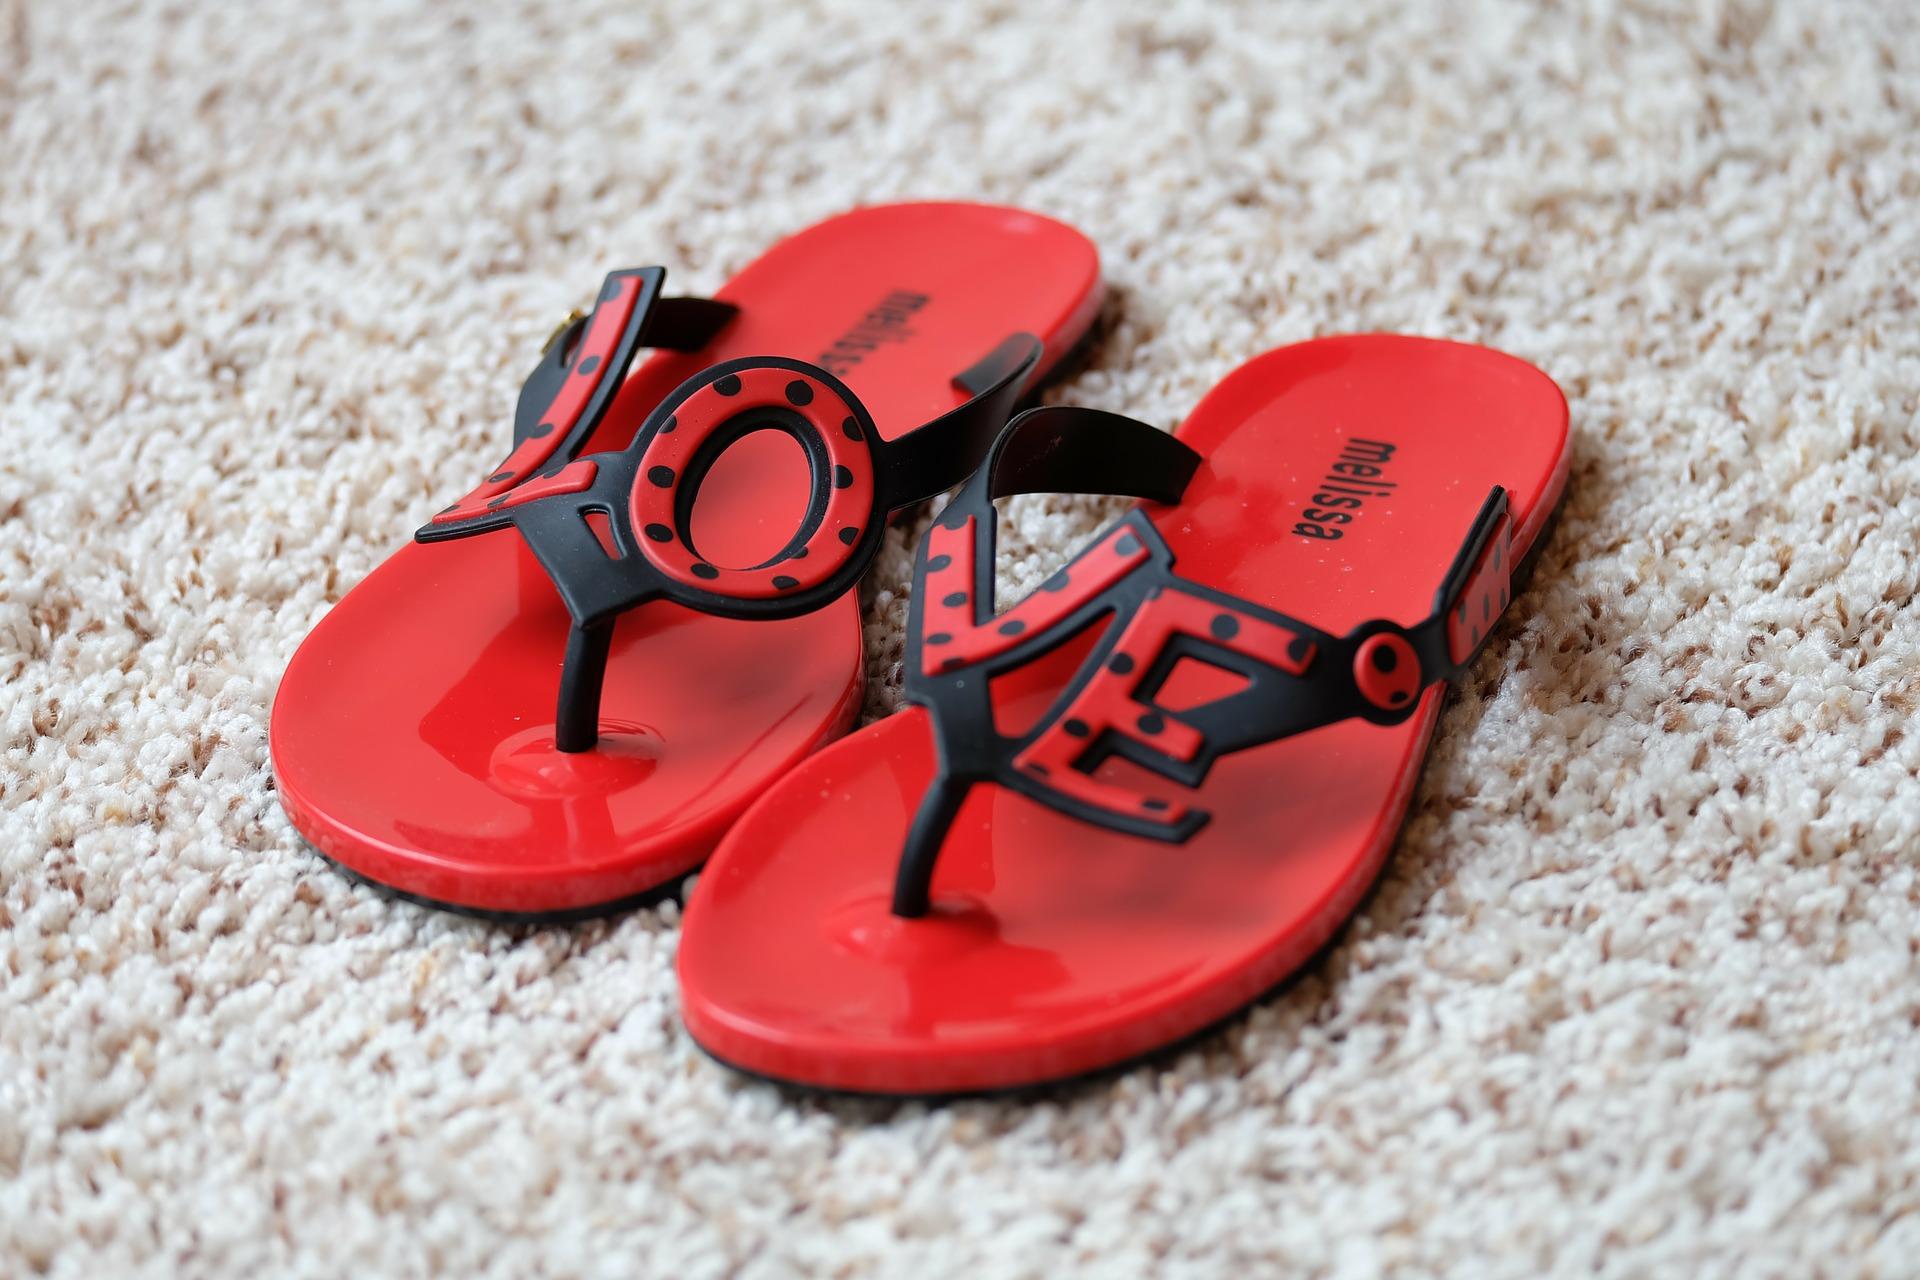 ③人字拖——腳型越來越丑  夾腳趾的涼拖鞋對人的健康是有害的!因為穿鞋的人在行走時腳前部因為缺少力的支撐,腳趾自然而然地要在行進中夾住鞋,慢慢蜷縮成爪形。同時,由於身體重心傾斜到前腳掌,足弓關節過度受力,這樣會導致腳部疼痛並發炎,嚴重者形成拇指外翻。